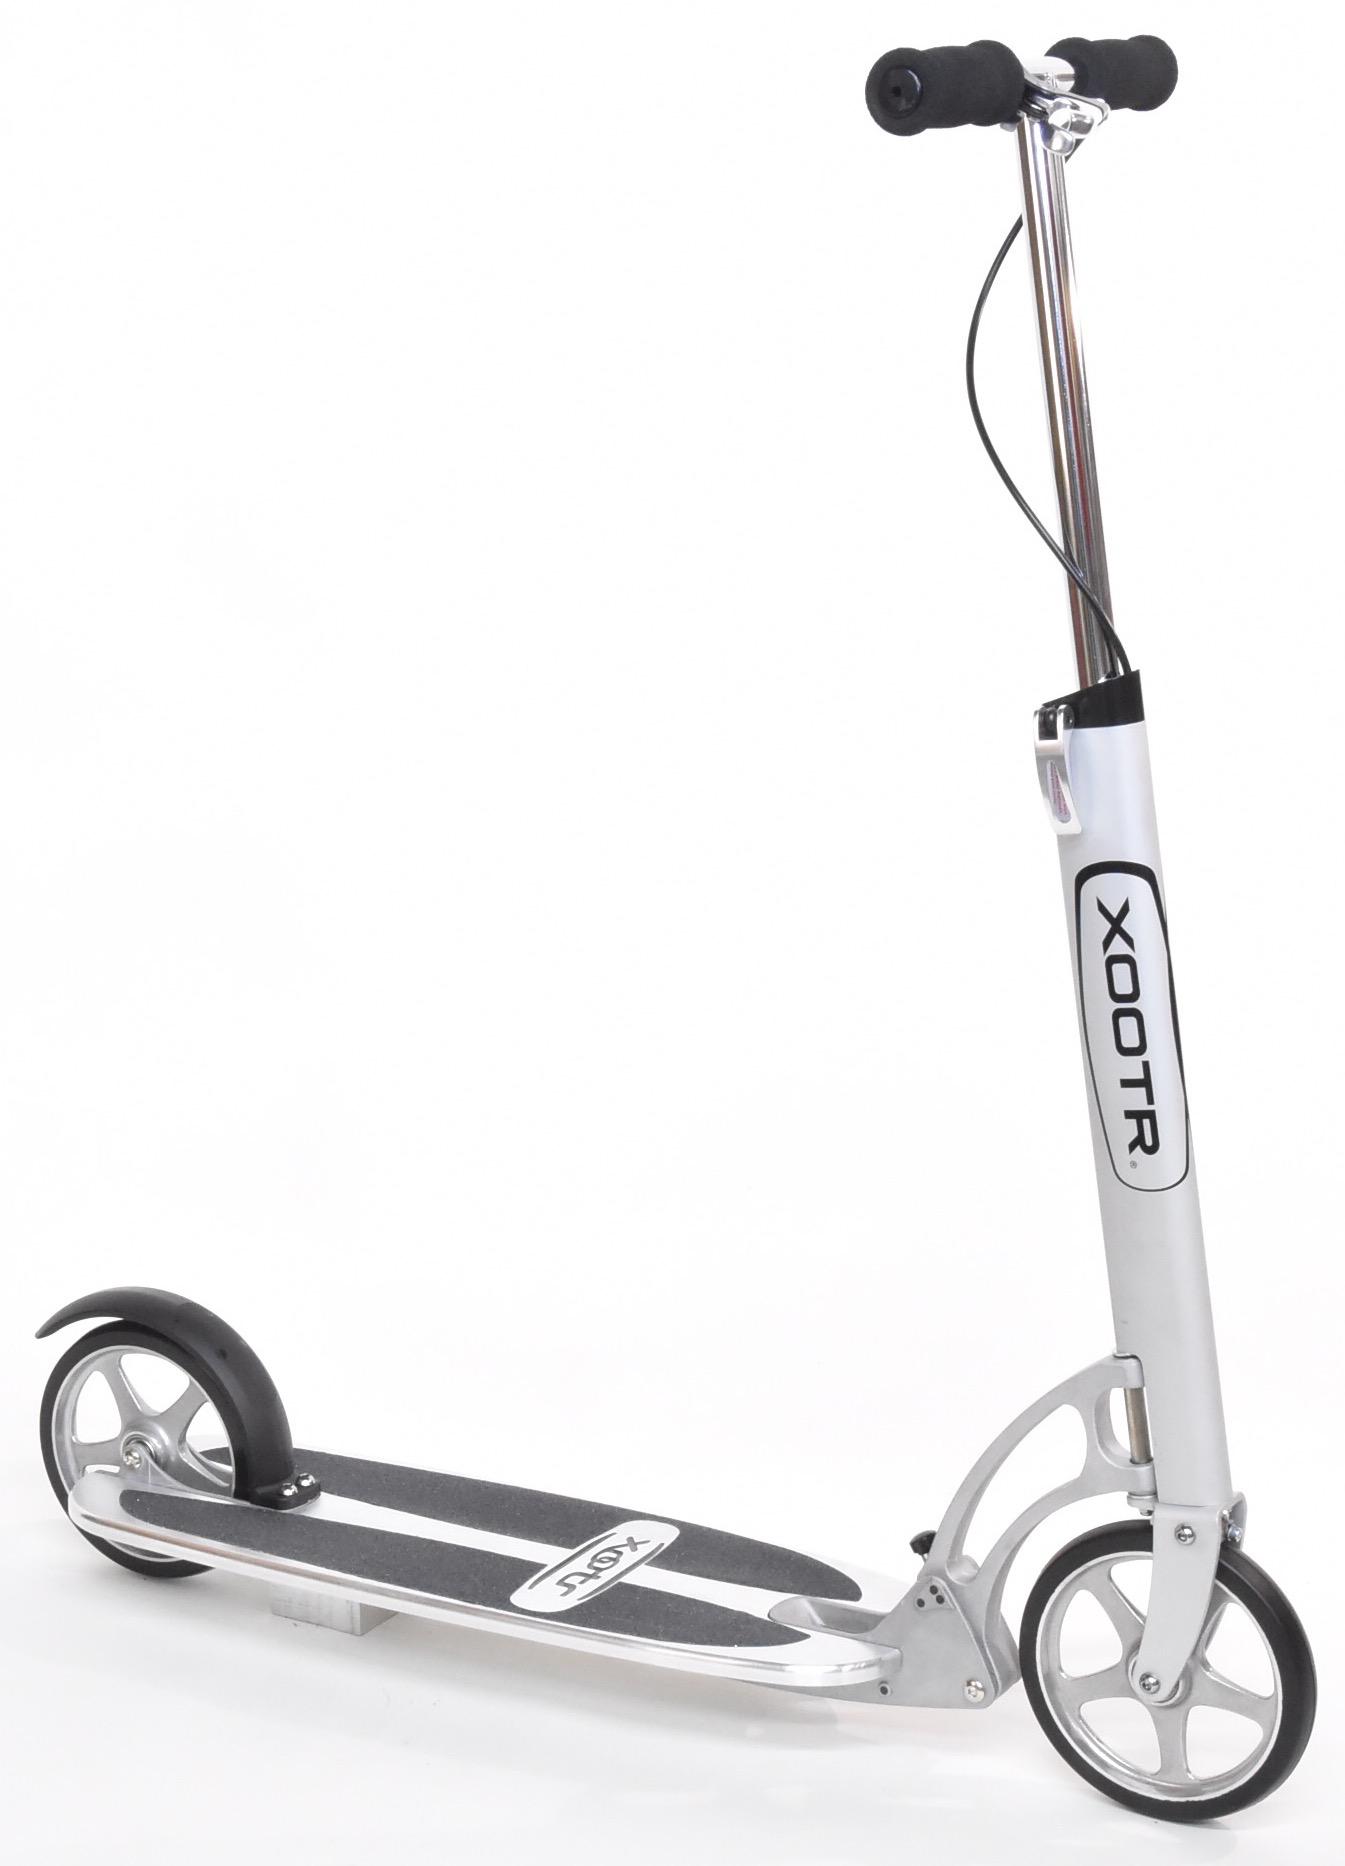 patinette xootr Street pliable adulte 2 mètre haut de gamme sangle et sac réglable plateau largeur 200mm